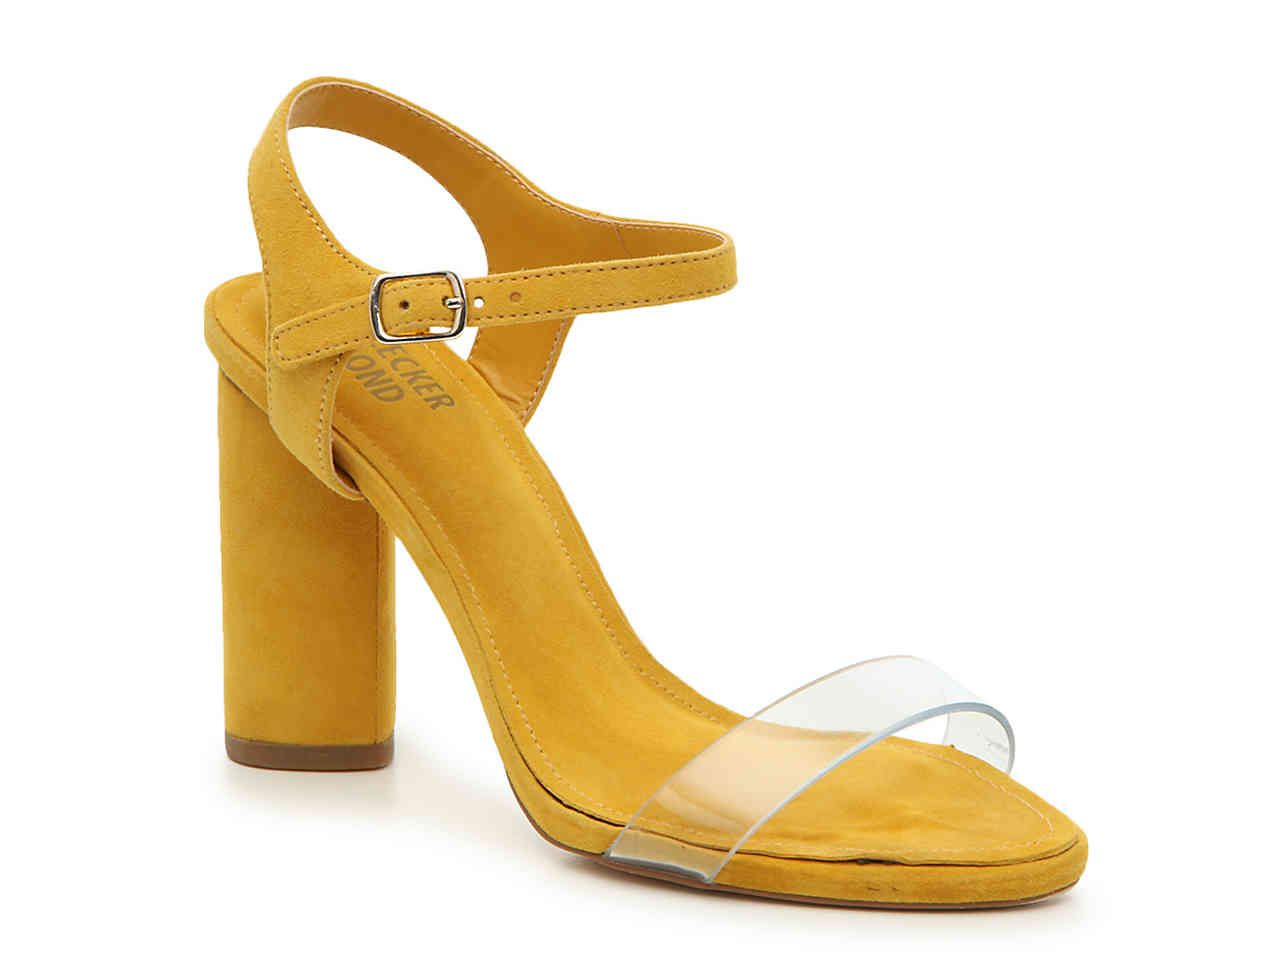 Bleecker & Bond Viola Sandal   Yellow heeled sandals, Sandals ...